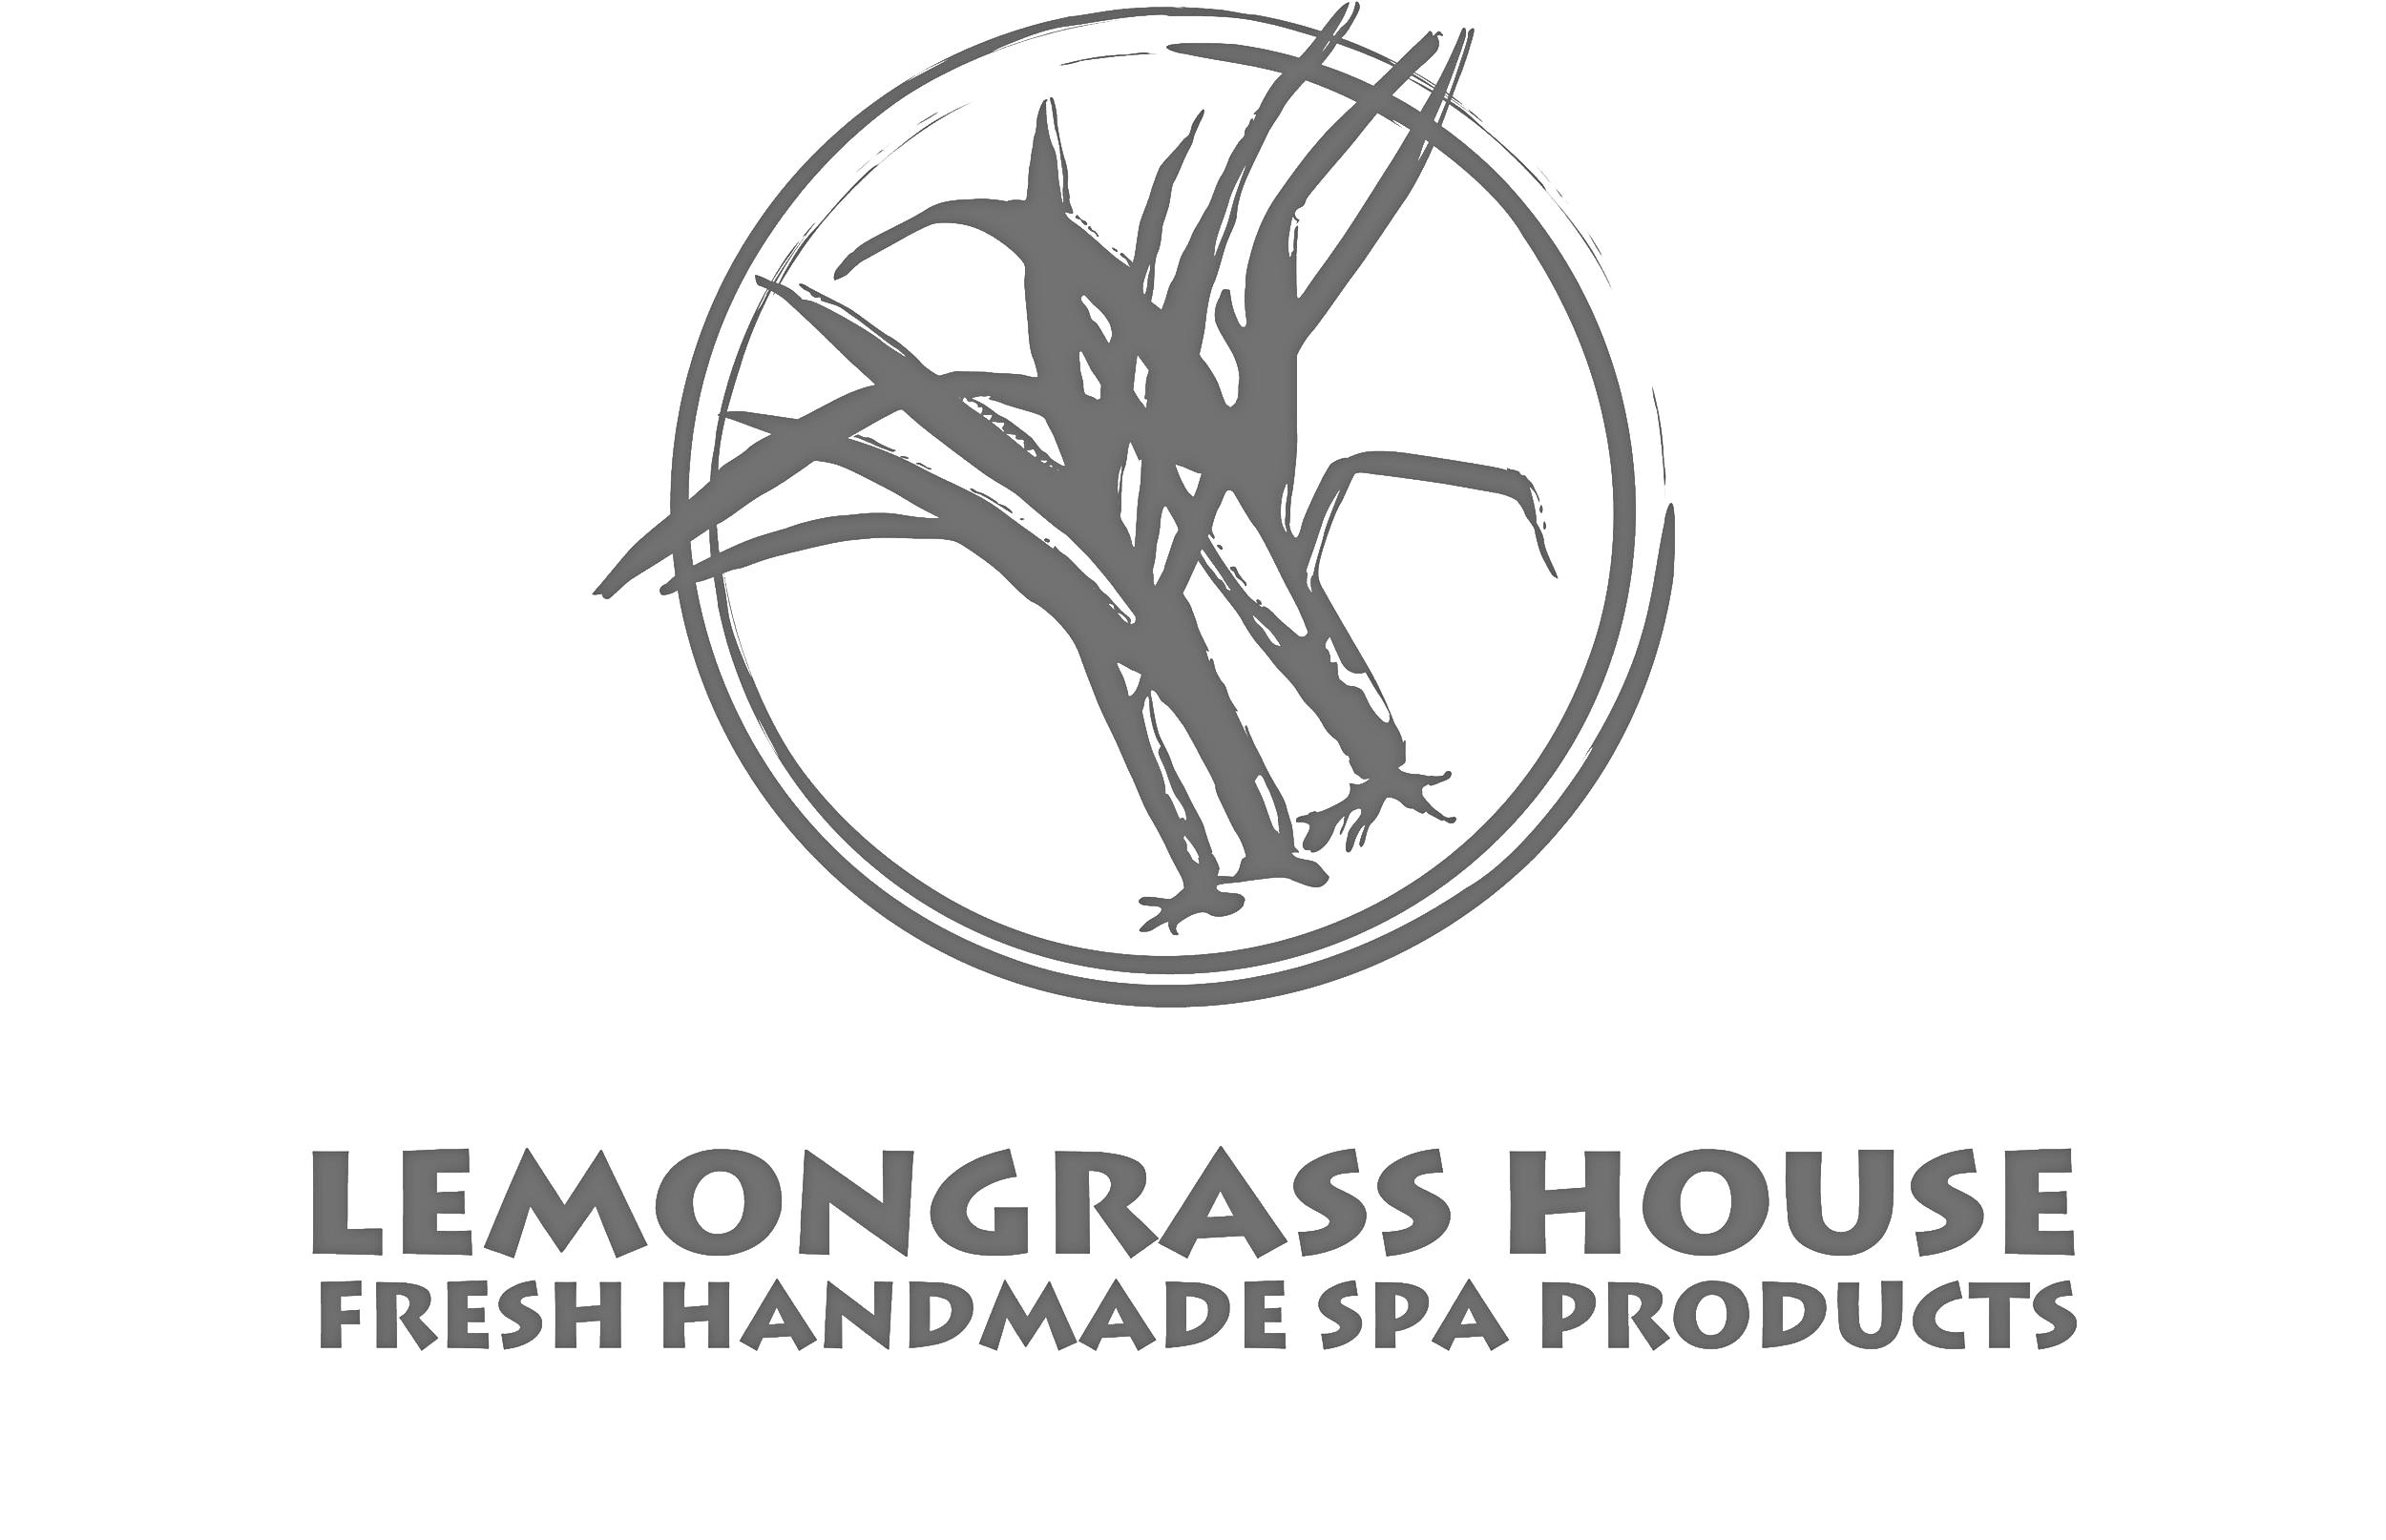 lemongrass-house logo.jpg